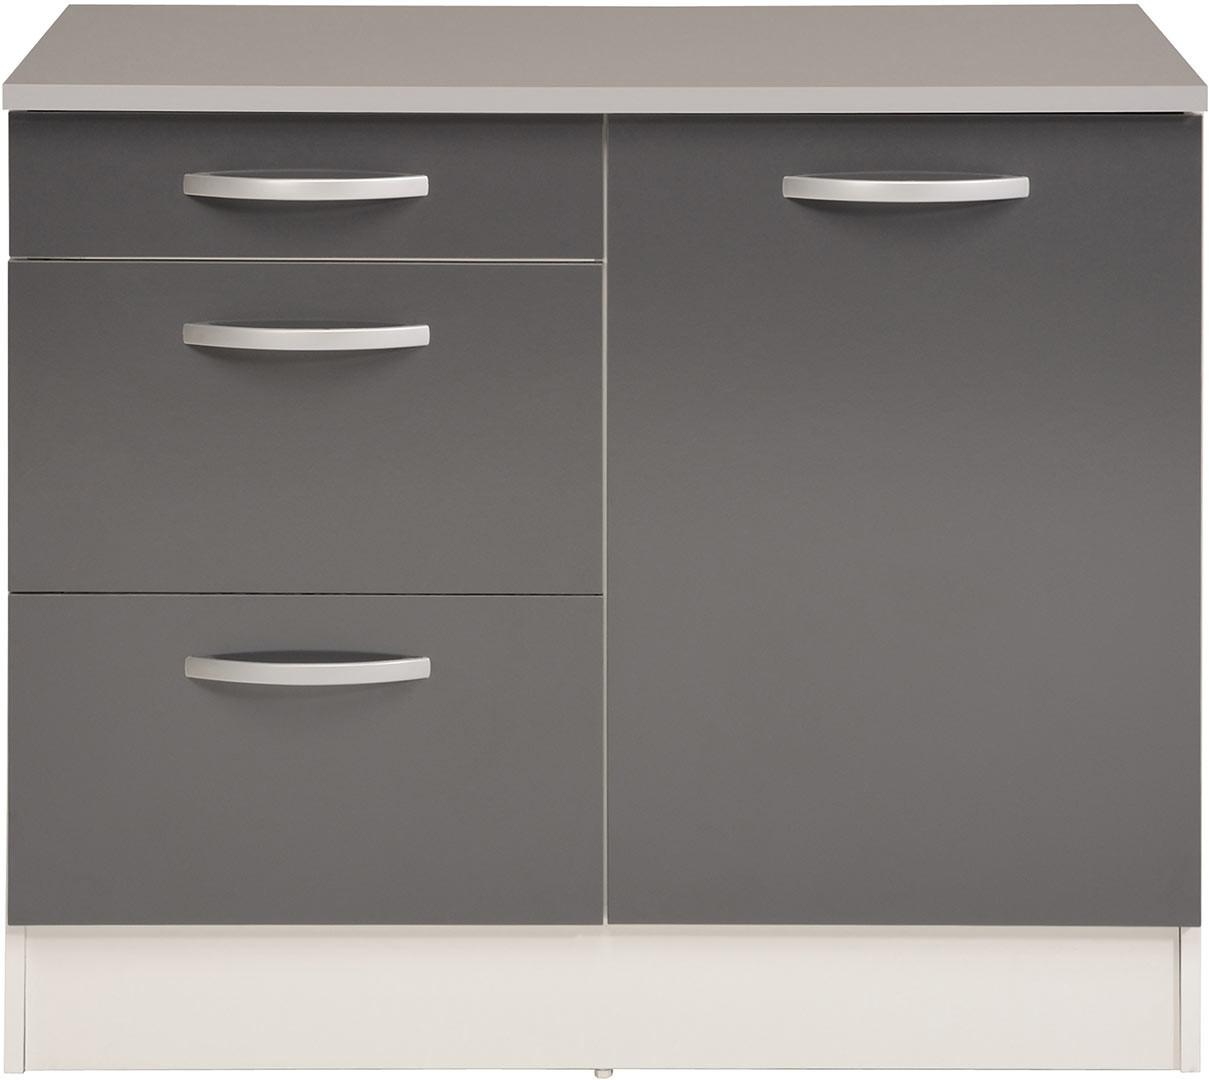 Meuble bas de cuisine contemporain 100 cm 1 porte/3 tiroirs blanc/gris brillant Romaric